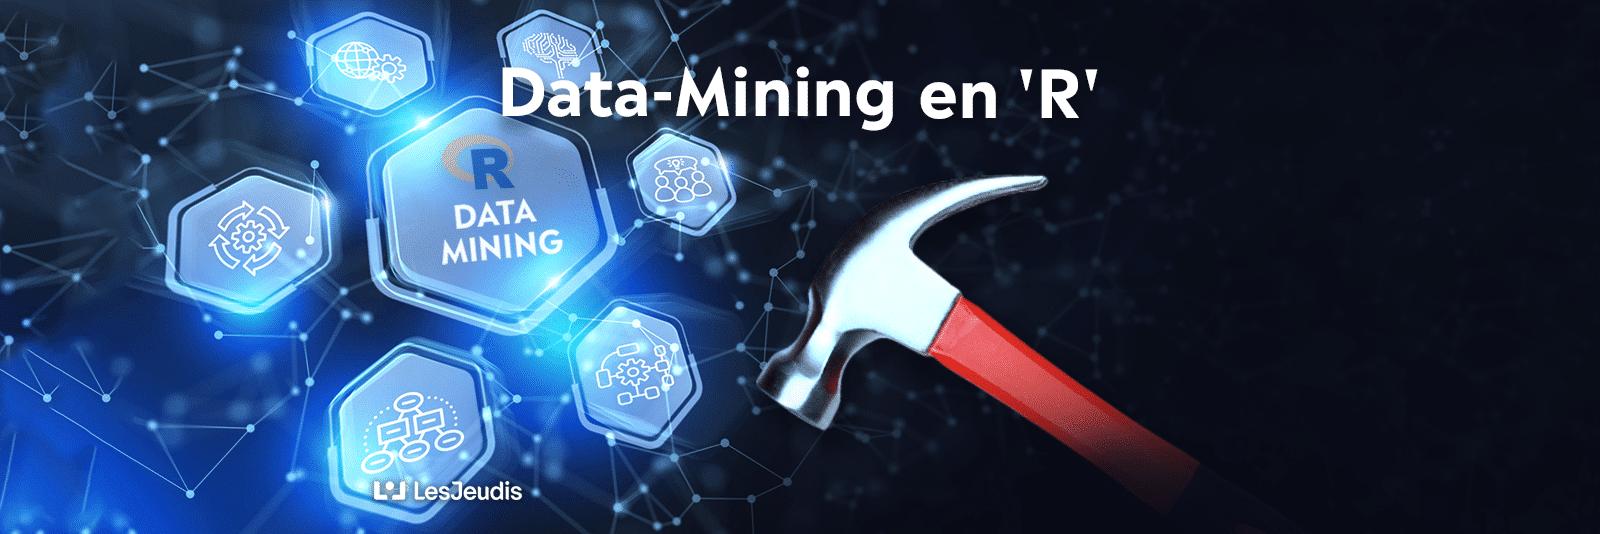 data mining avec r banner 1600px